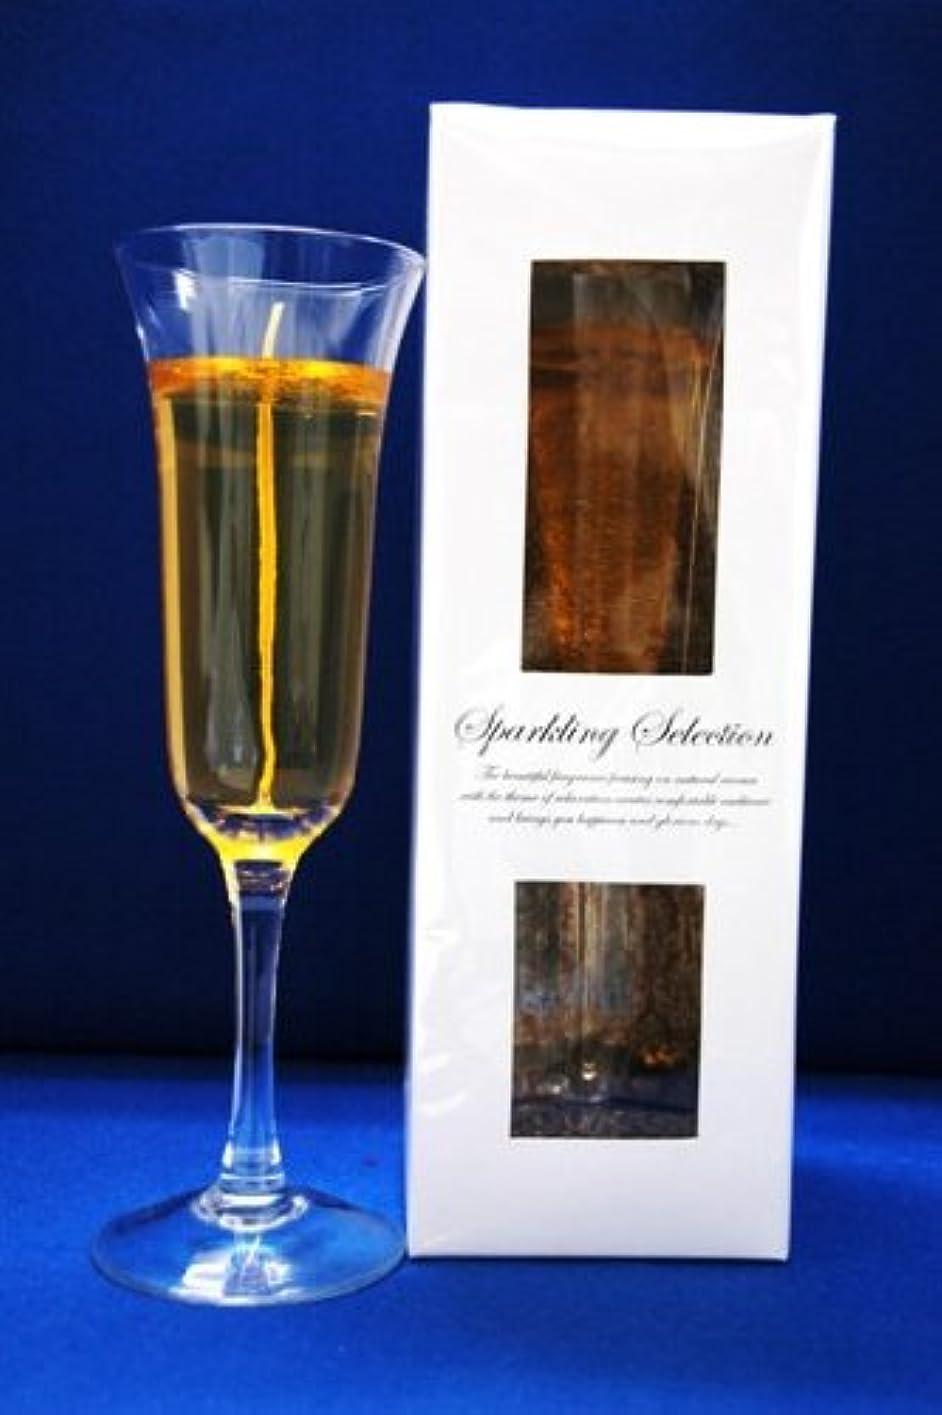 免疫する献身タンパク質スパークリングセレクション ゼリーアロマキャンドル シャンパン